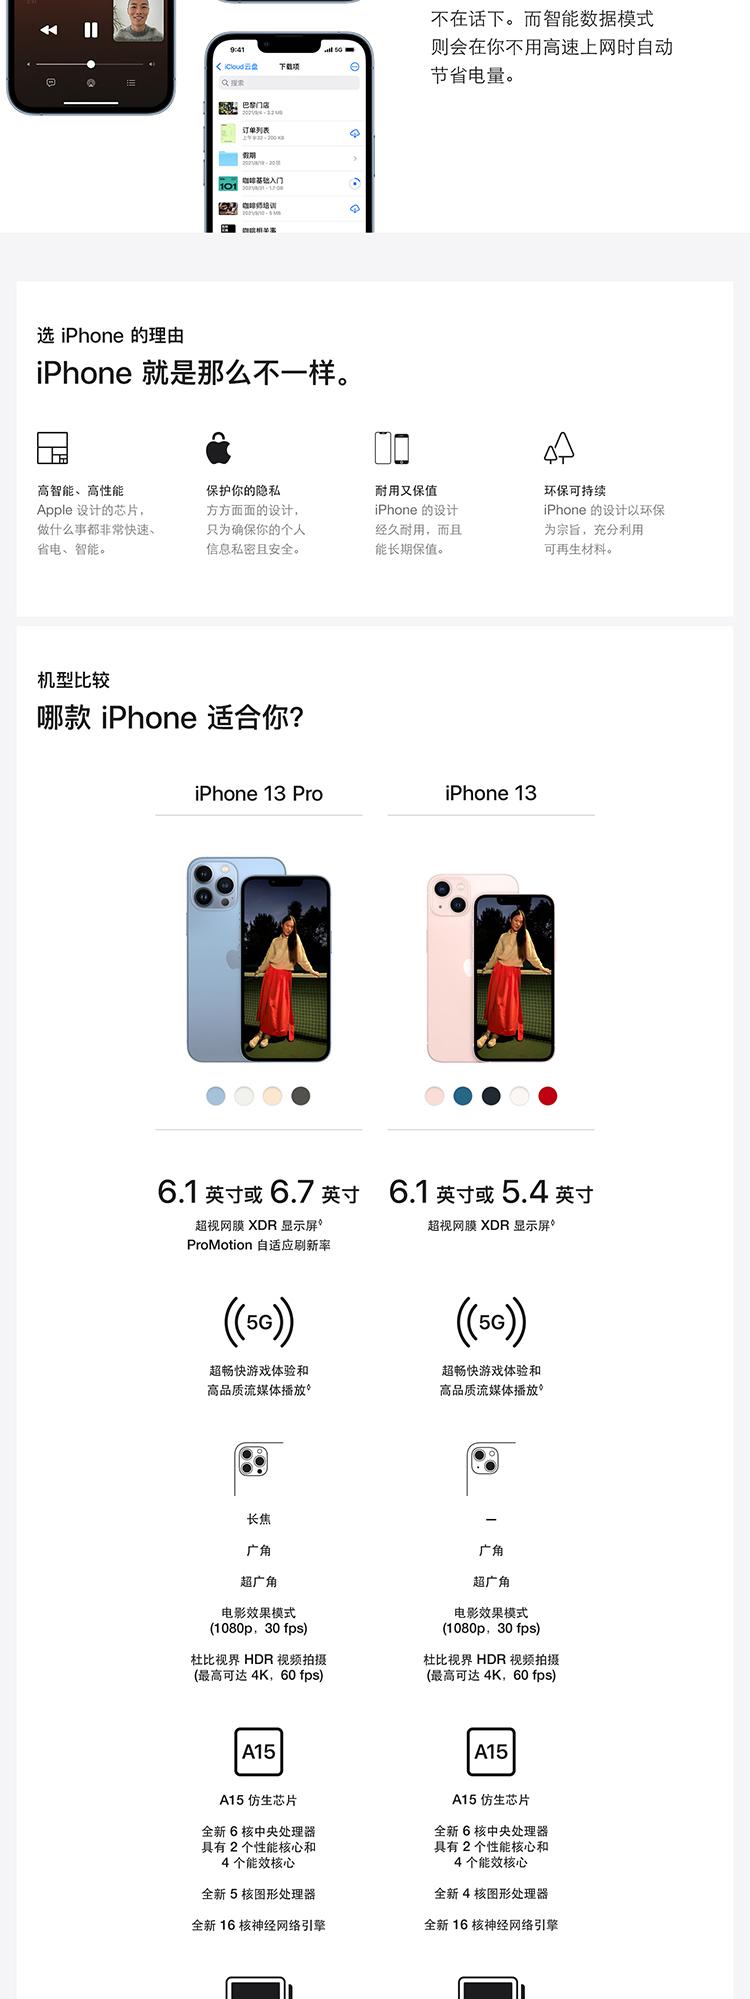 【APP专享】iPhone13系列免费试用,评测